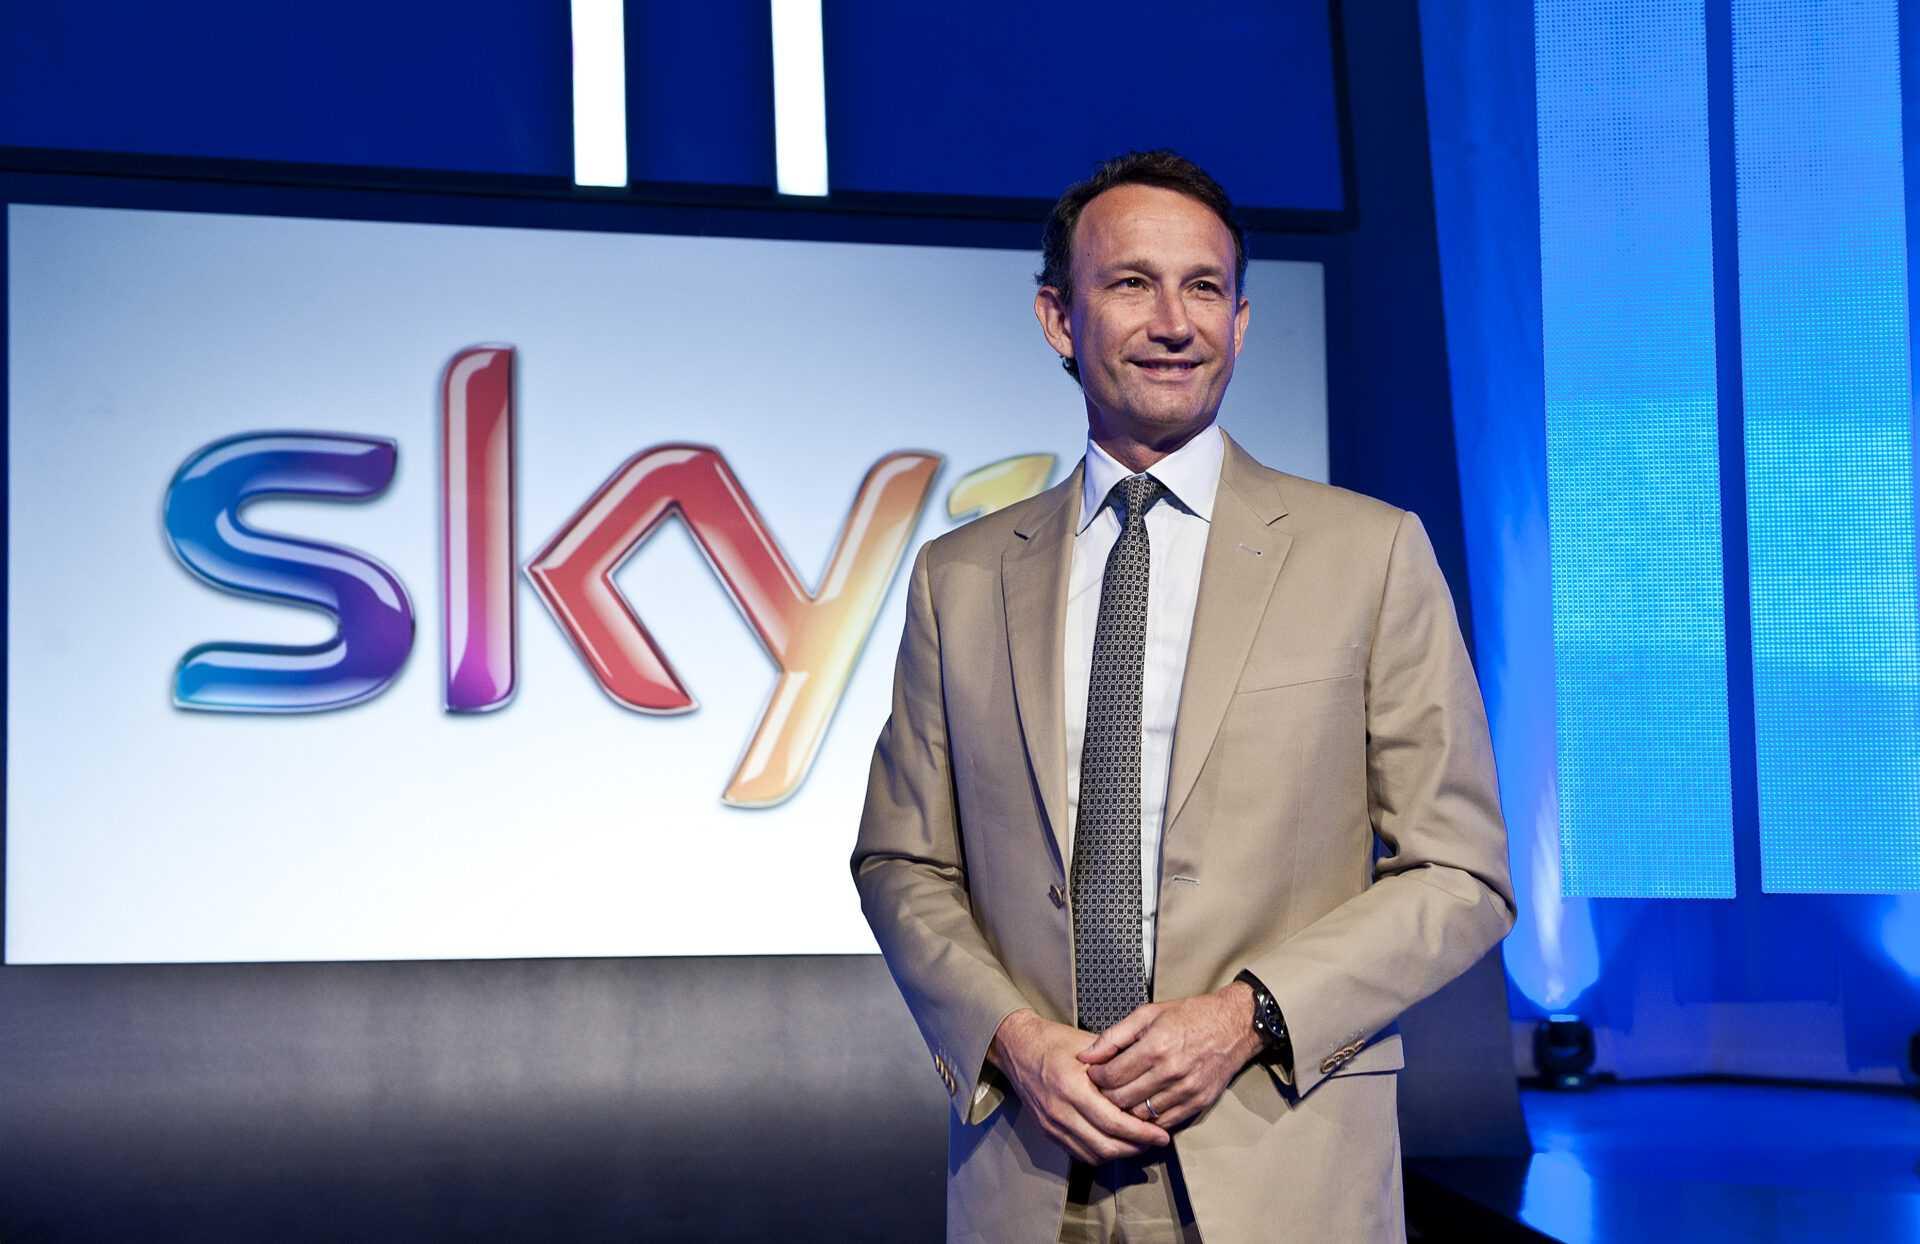 Sky festeggia 10 anni con grani novità Sky Tg24 HD e Classica gratis per tutti gli abbonati | Digitale terrestre: Dtti.it